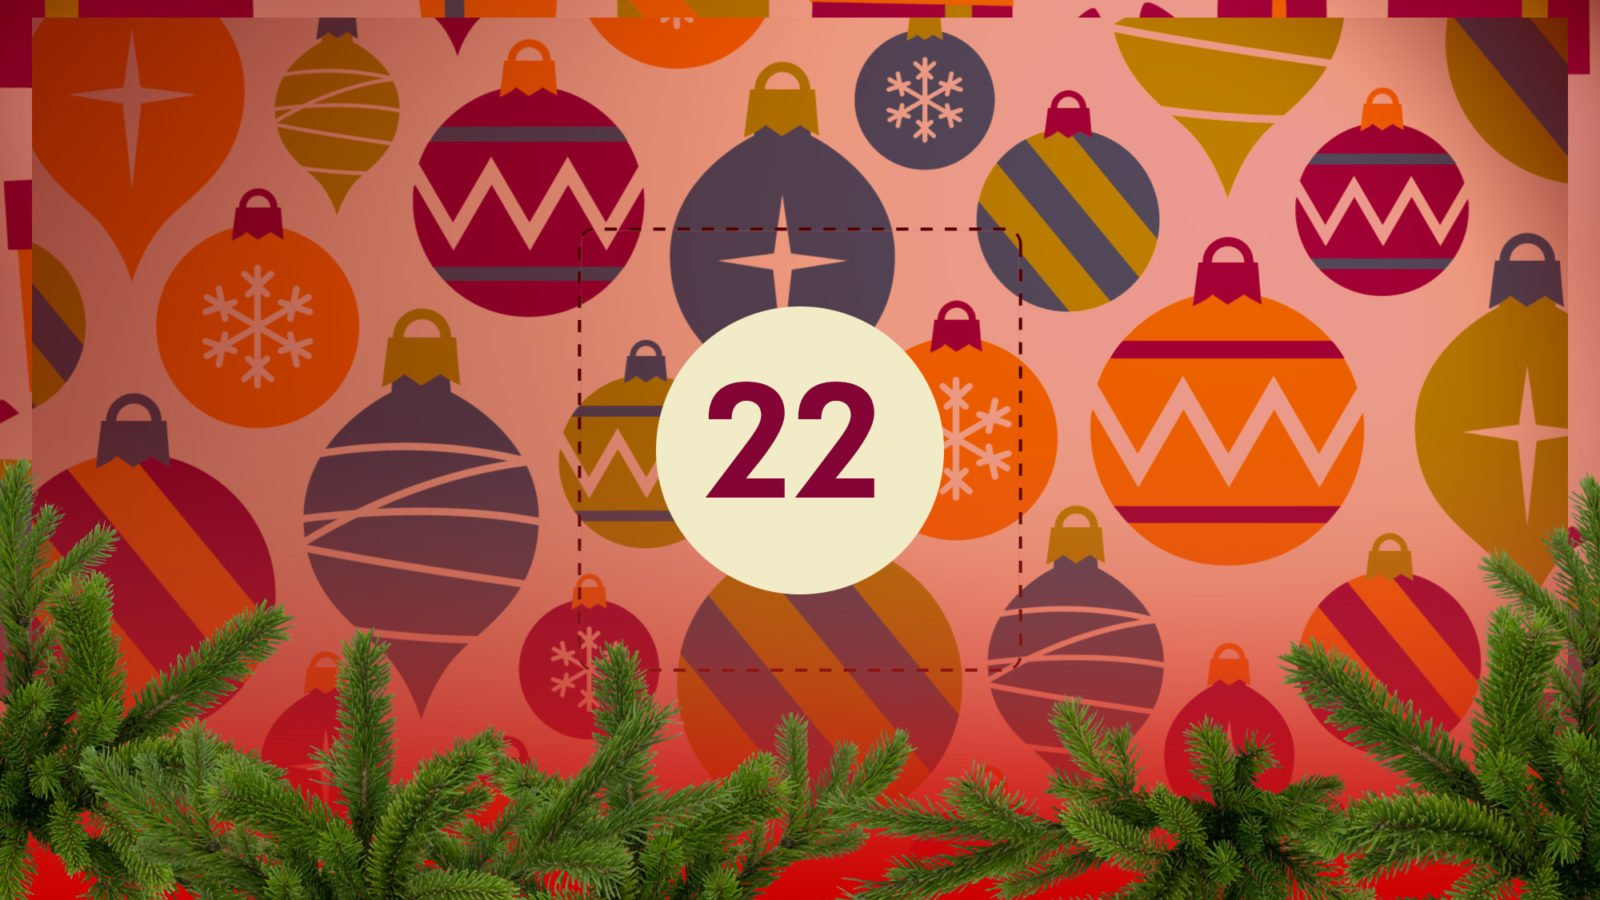 Grafik: Bunter Weihnachtsschmuck, in der Bildmitte die Zahl 22